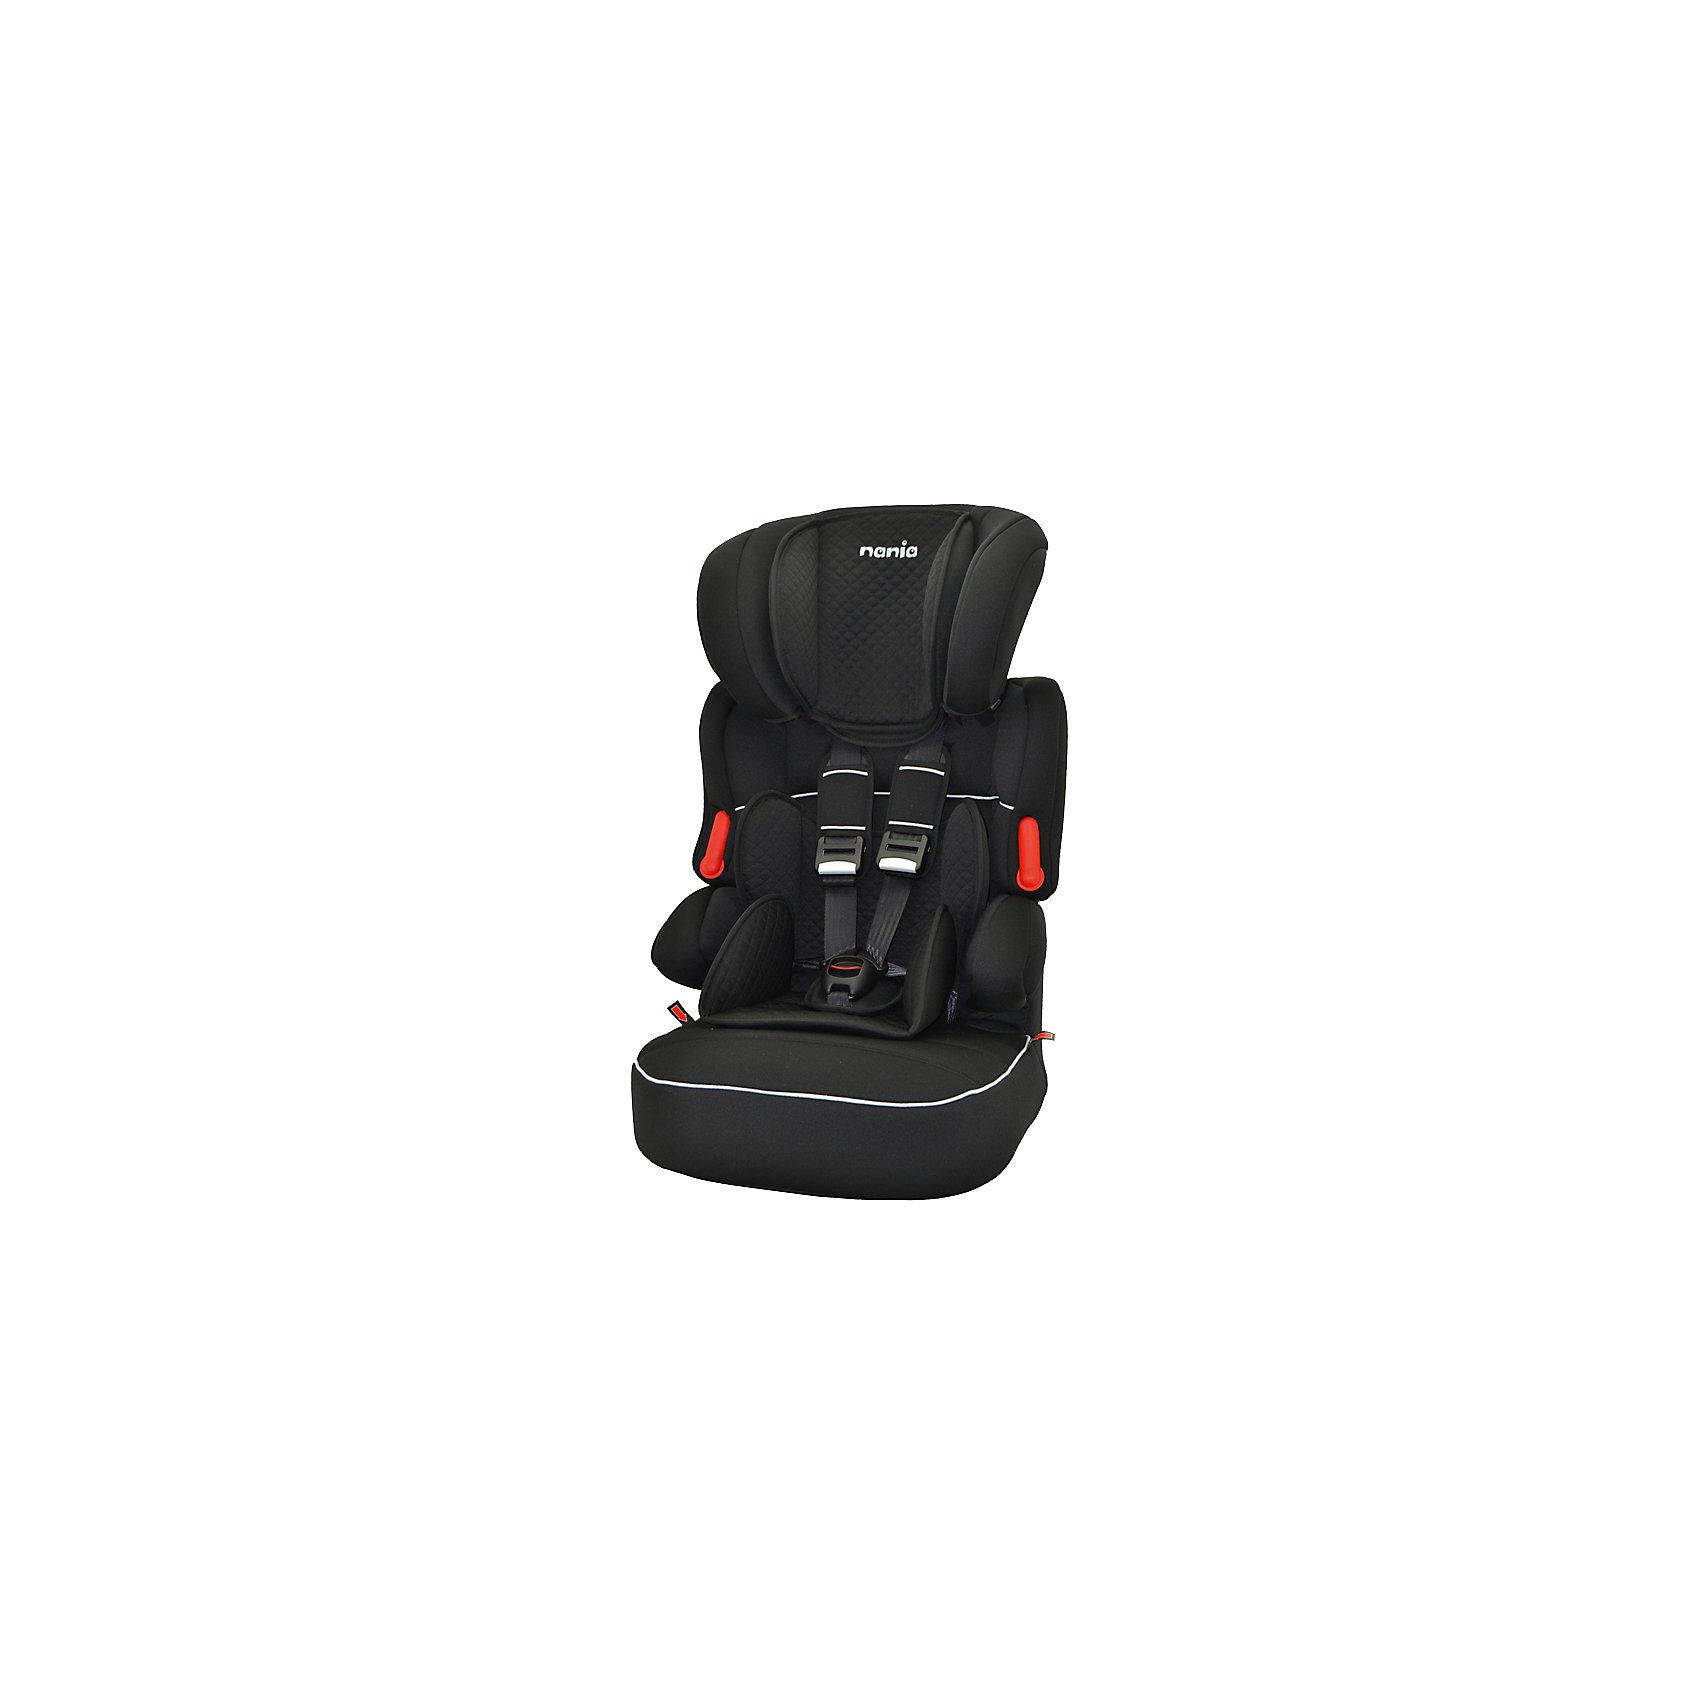 Автокресло Nania Beline SP LTD, 9-36кг, quilt blackГруппа 1-2-3 (От 9 до 36 кг)<br>Характеристики:<br><br>• группа: 1/2/3;<br>• вес ребенка: 9-36 кг;<br>• возраст ребенка: от 8 месяцев до 12 лет;<br>• способ установки: по ходу движения автомобиля;<br>• способ крепления: штатные ремни безопасности автомобиля;<br>• вкладыш для маленького ребенка, имеется встроенный мягкий подголовник;<br>• вкладыш съемный, для подросшего ребенка остается бустер со спинкой;<br>• кресло оснащено подлокотниками с мягкой обивкой;<br>• высота подголовника регулируется в 5-ти положениях;<br>• чехлы автокресла съемные, стираются при температуре 30 градусов;<br>• маленький ребенок фиксируется встроенными 5-ти точечными ремнями автокресла, подросший малыш – 3-х точечными ремнями безопасности автомобиля;<br>• усиленная боковая защита SP - Side Protection;<br>• материал: пластик, полиэстер;<br>• размеры автокресла: 54x45x78 см;<br>• вес автокресла: 4,7 кг;<br>• стандарт безопасности: ECE R44/04.<br><br>Автокресло Beline SP LTD, 9-36кг, Nania, quilt black можно купить в нашем интернет-магазине.<br><br>Ширина мм: 450<br>Глубина мм: 450<br>Высота мм: 880<br>Вес г: 5200<br>Возраст от месяцев: 8<br>Возраст до месяцев: 144<br>Пол: Унисекс<br>Возраст: Детский<br>SKU: 5569340